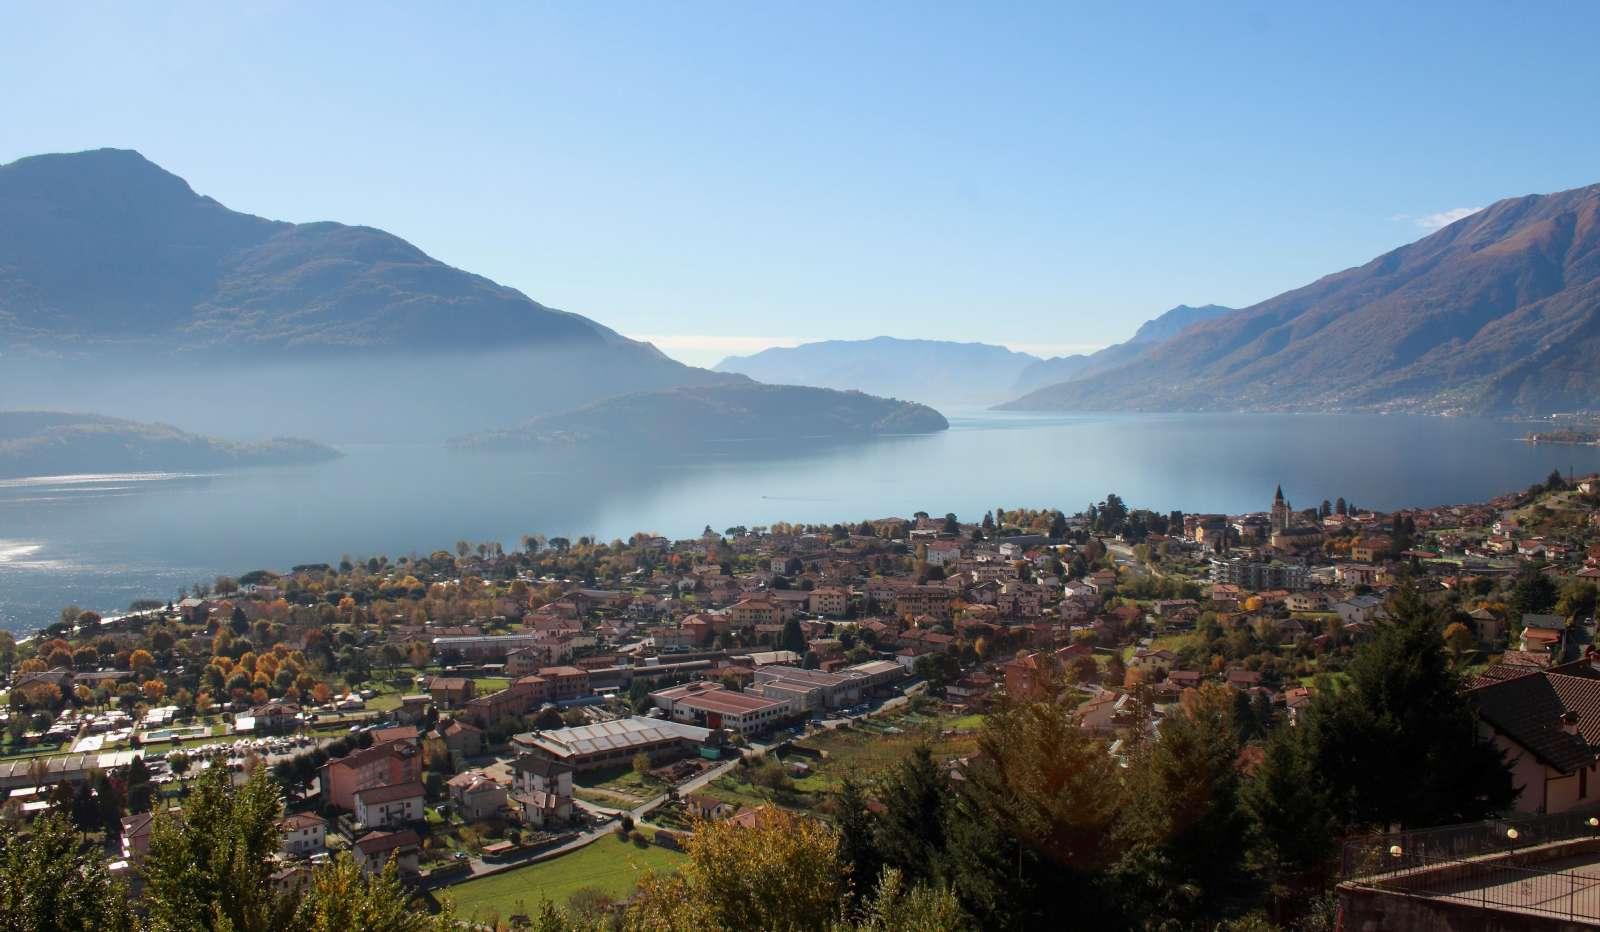 Utsikt från Vercana ut över Comosjön och staden Domaso